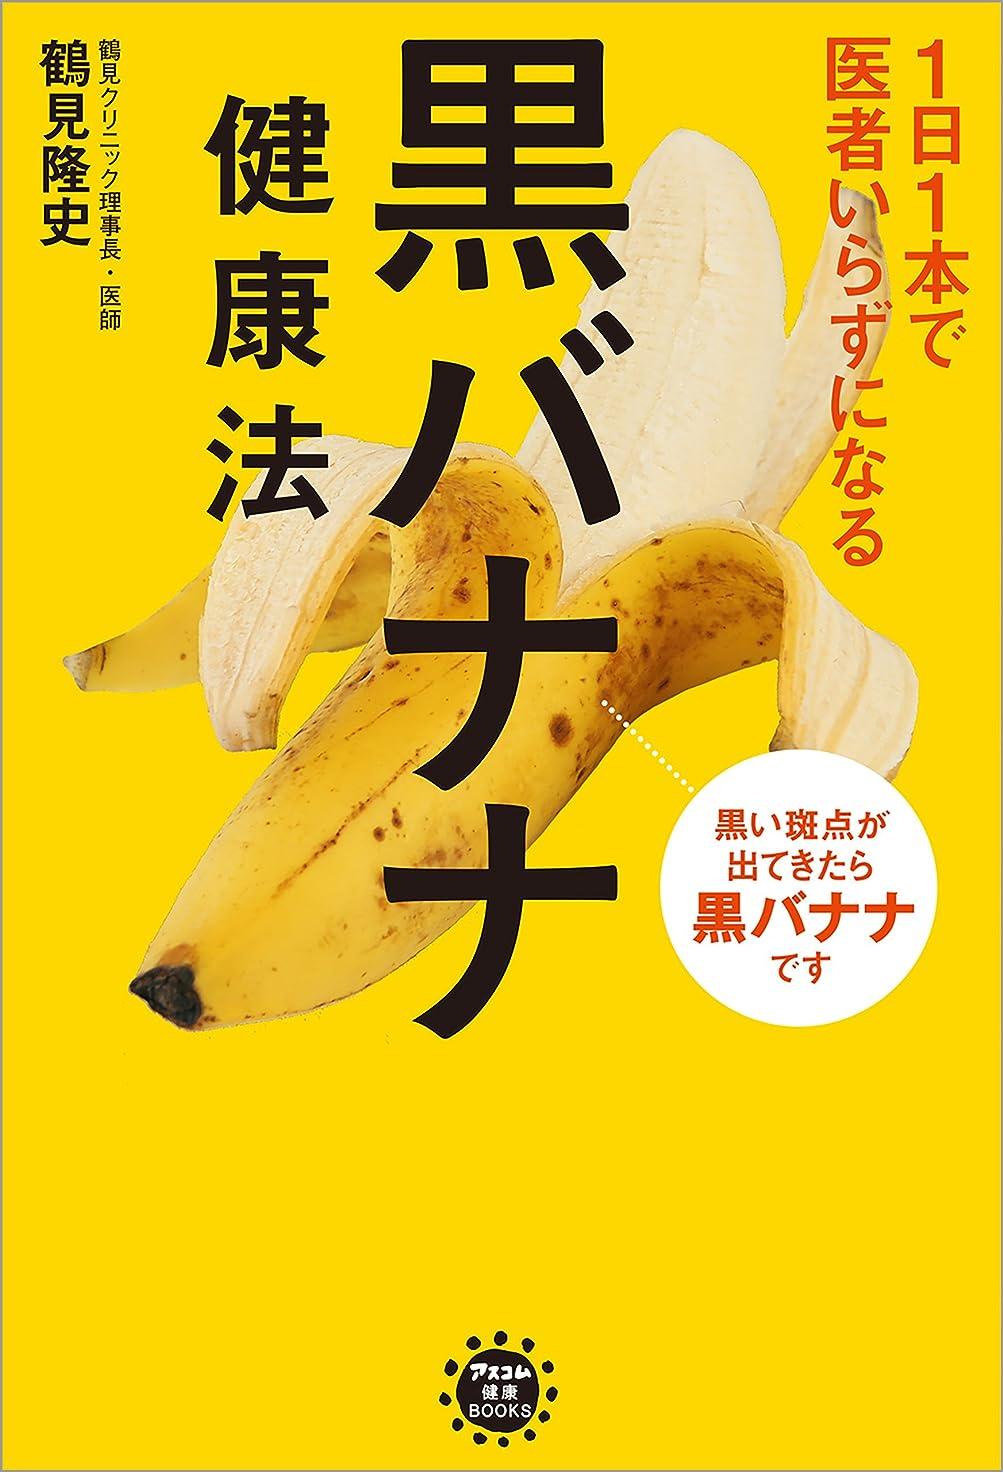 証明便利わがまま1日1本で医者いらずになる 黒バナナ健康法